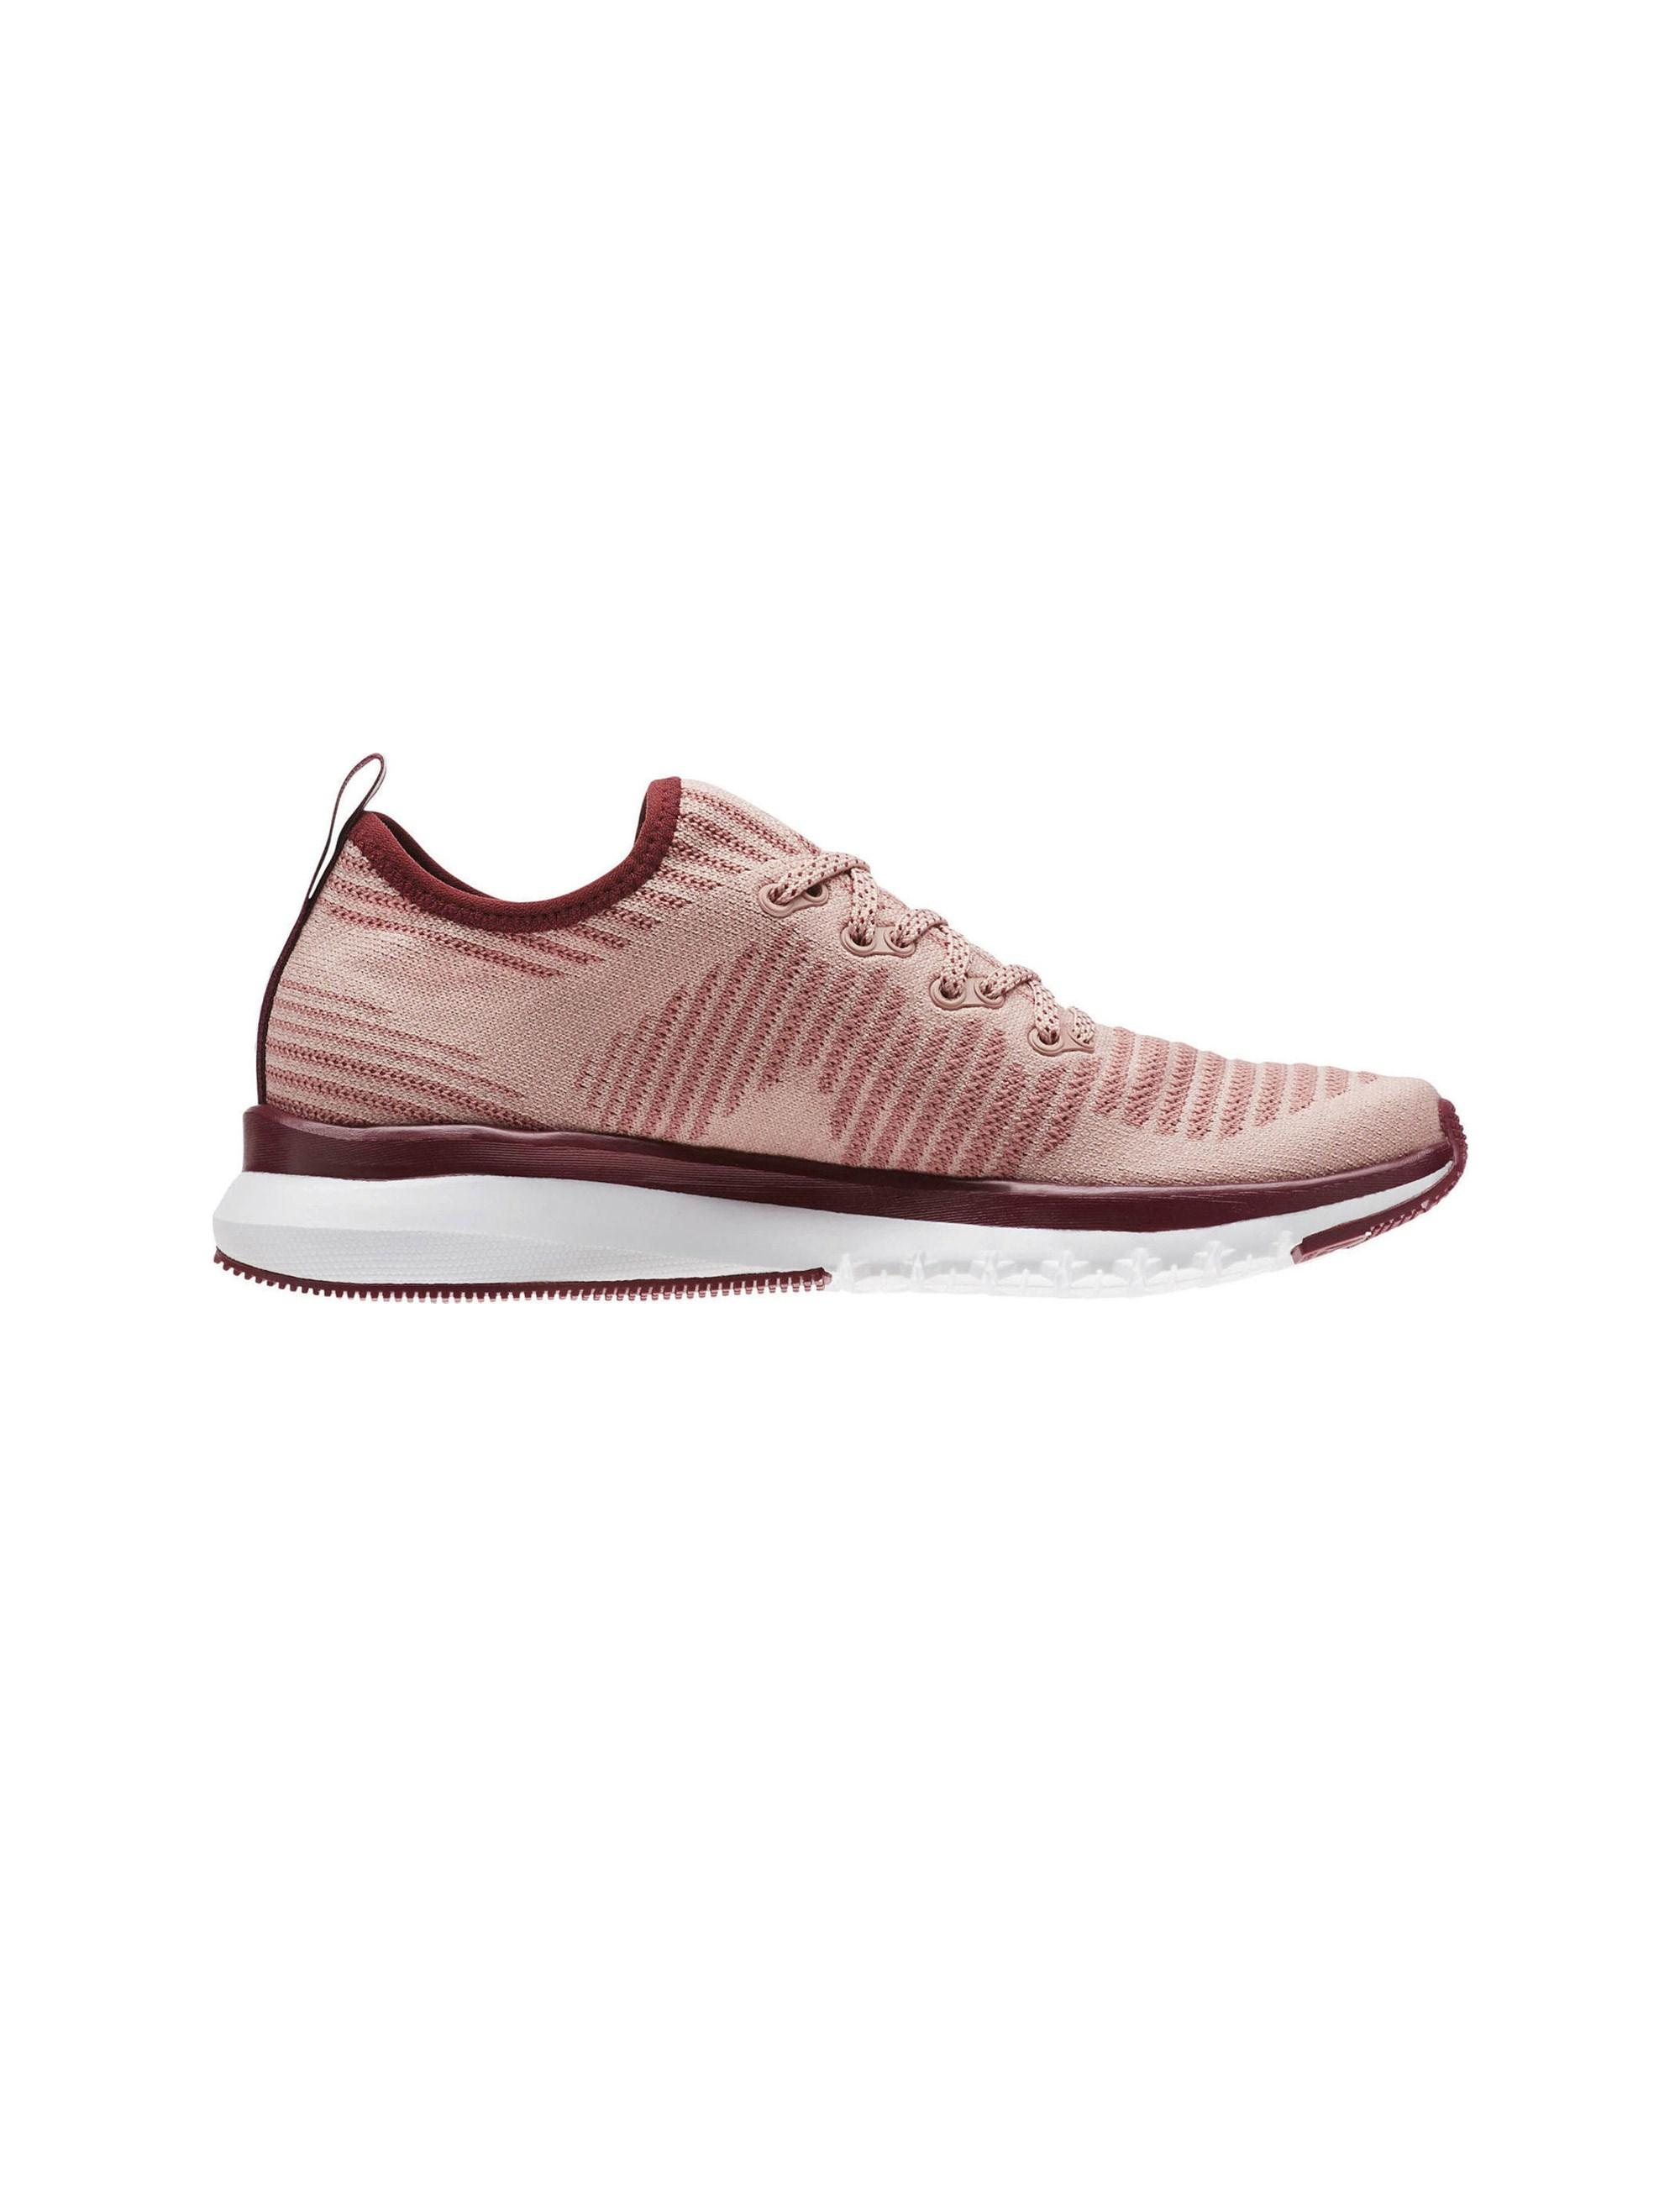 کفش مخصوص دویدن زنانه ریباک مدل Print Smooth 2.0 ULTK